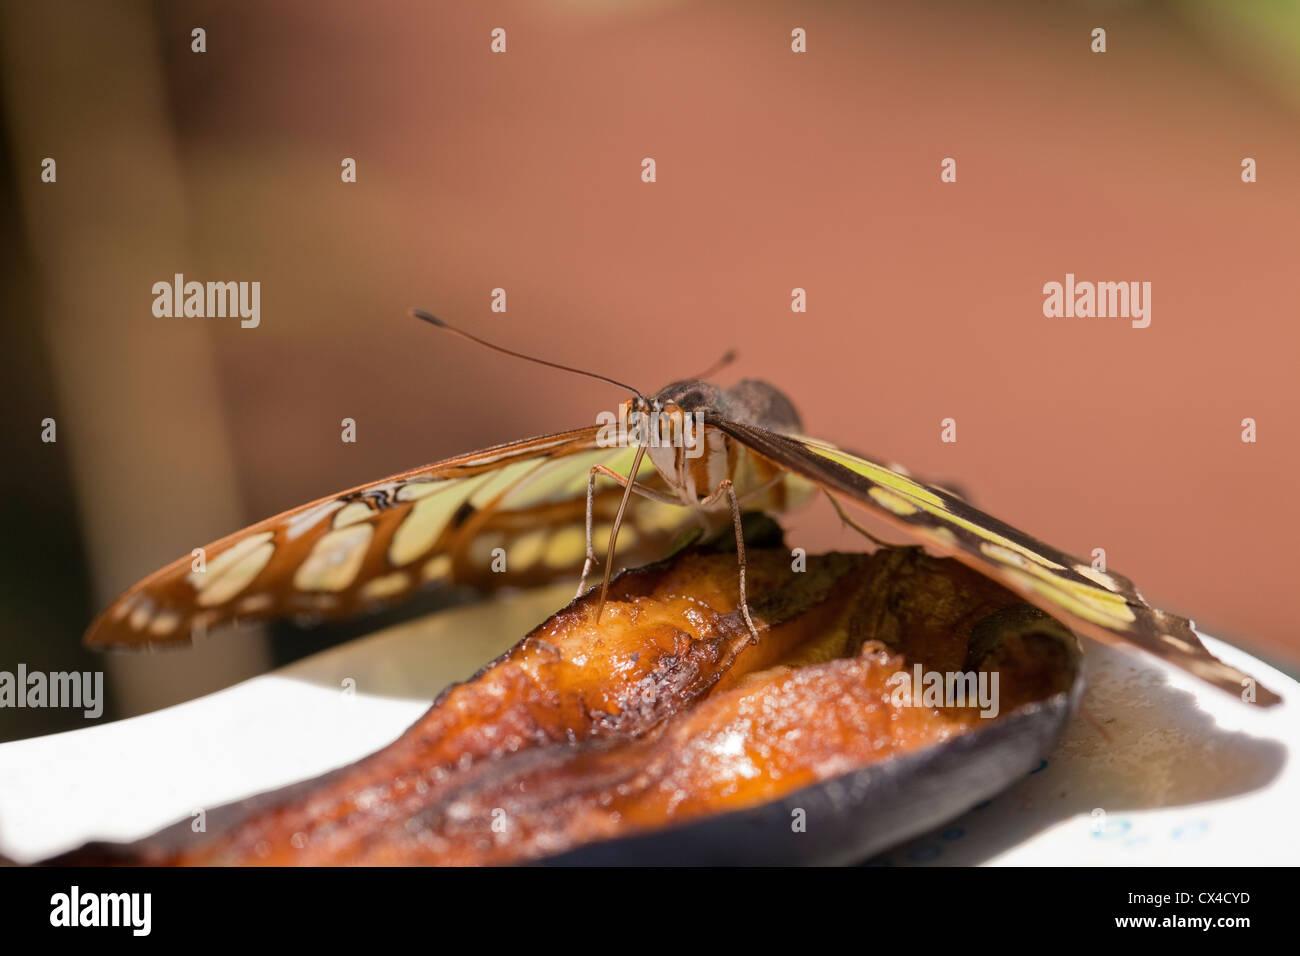 Nahaufnahme eines Schmetterlings Malachit (Siproeta Stelenes) Fütterung auf eine Banane Scheibe bei The Butterfly Farm in der Nähe von San Jose, Costa Rica. Stockfoto